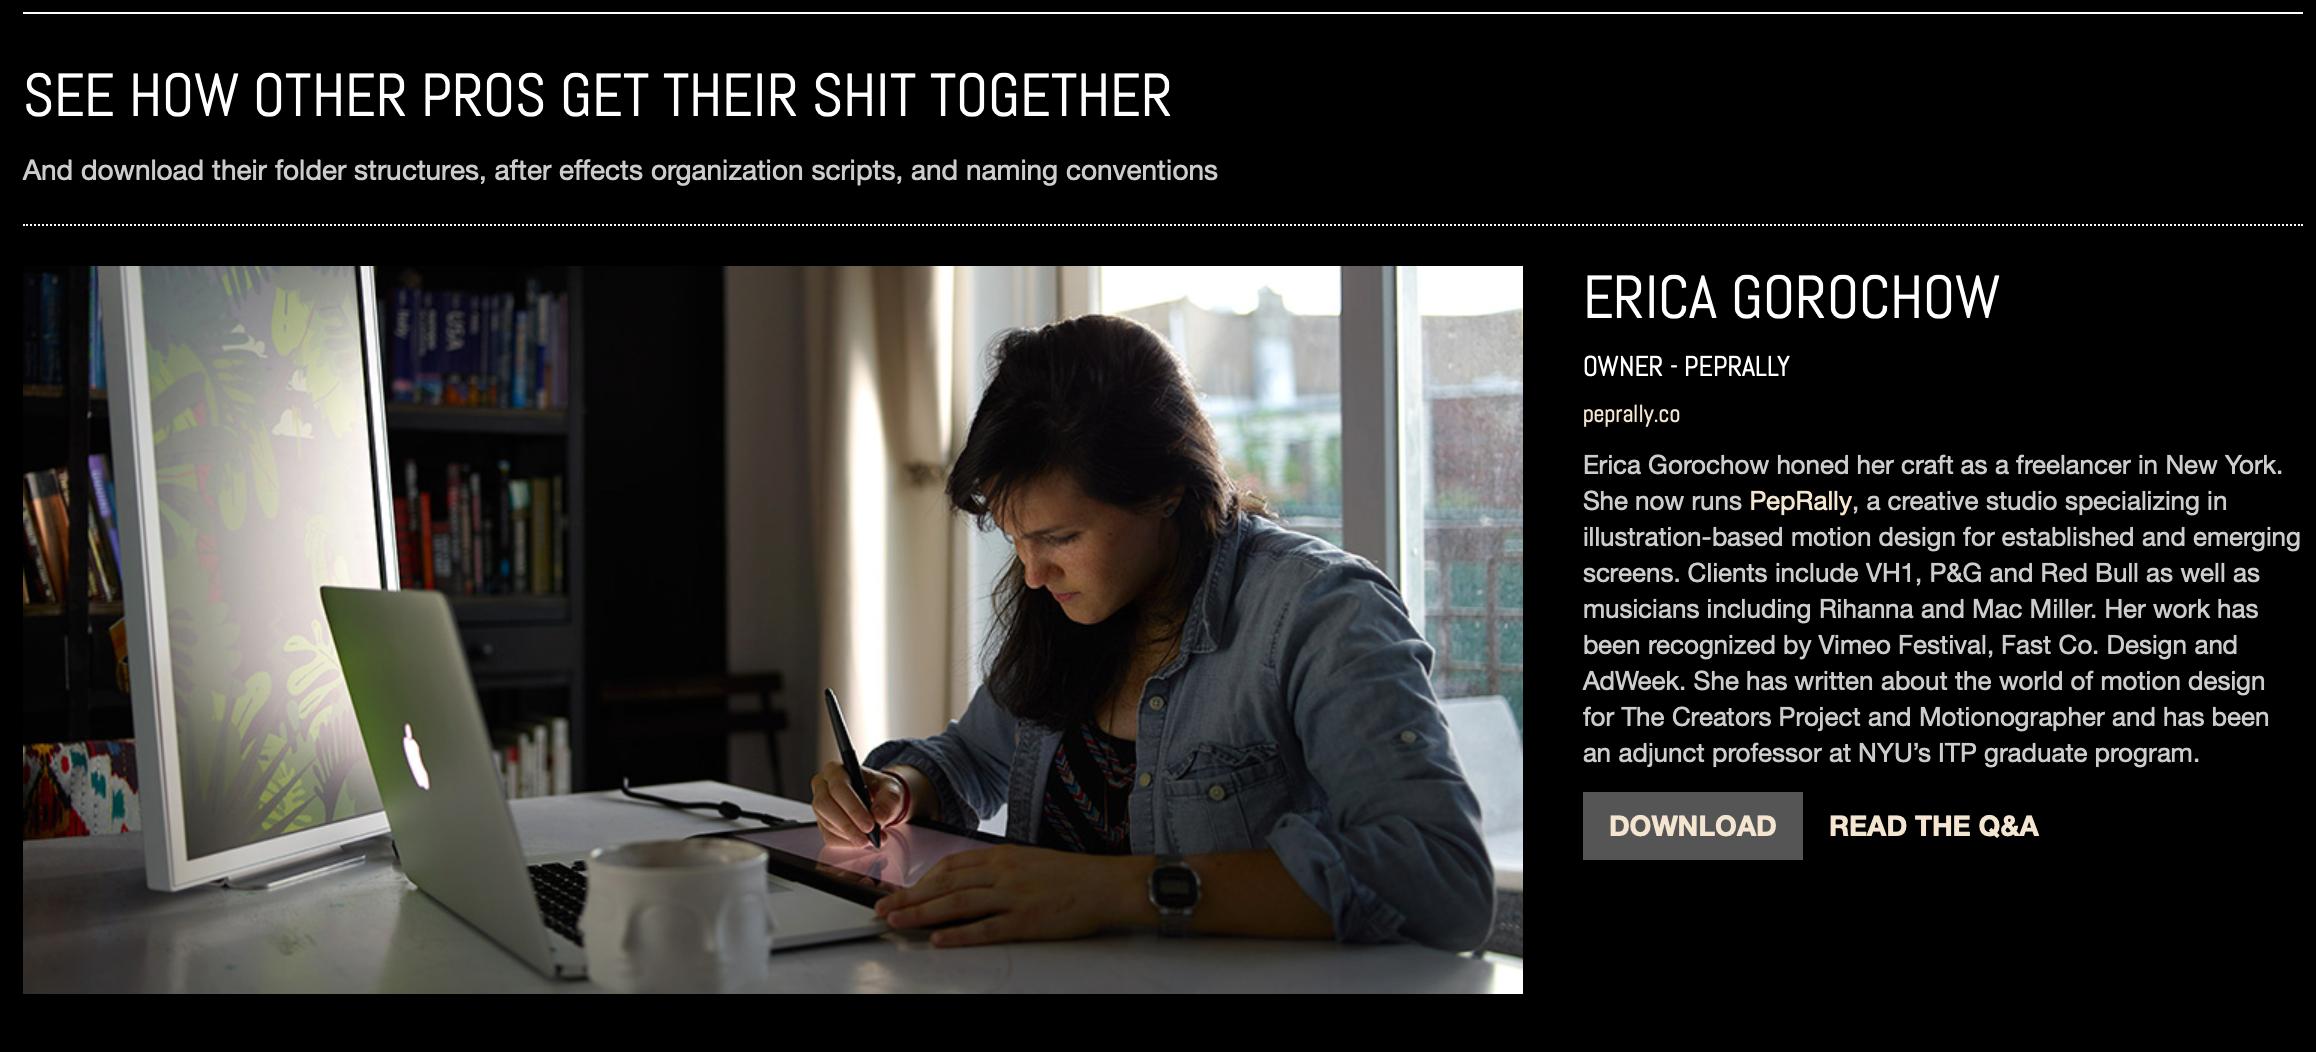 Erica Gorochow Workflow